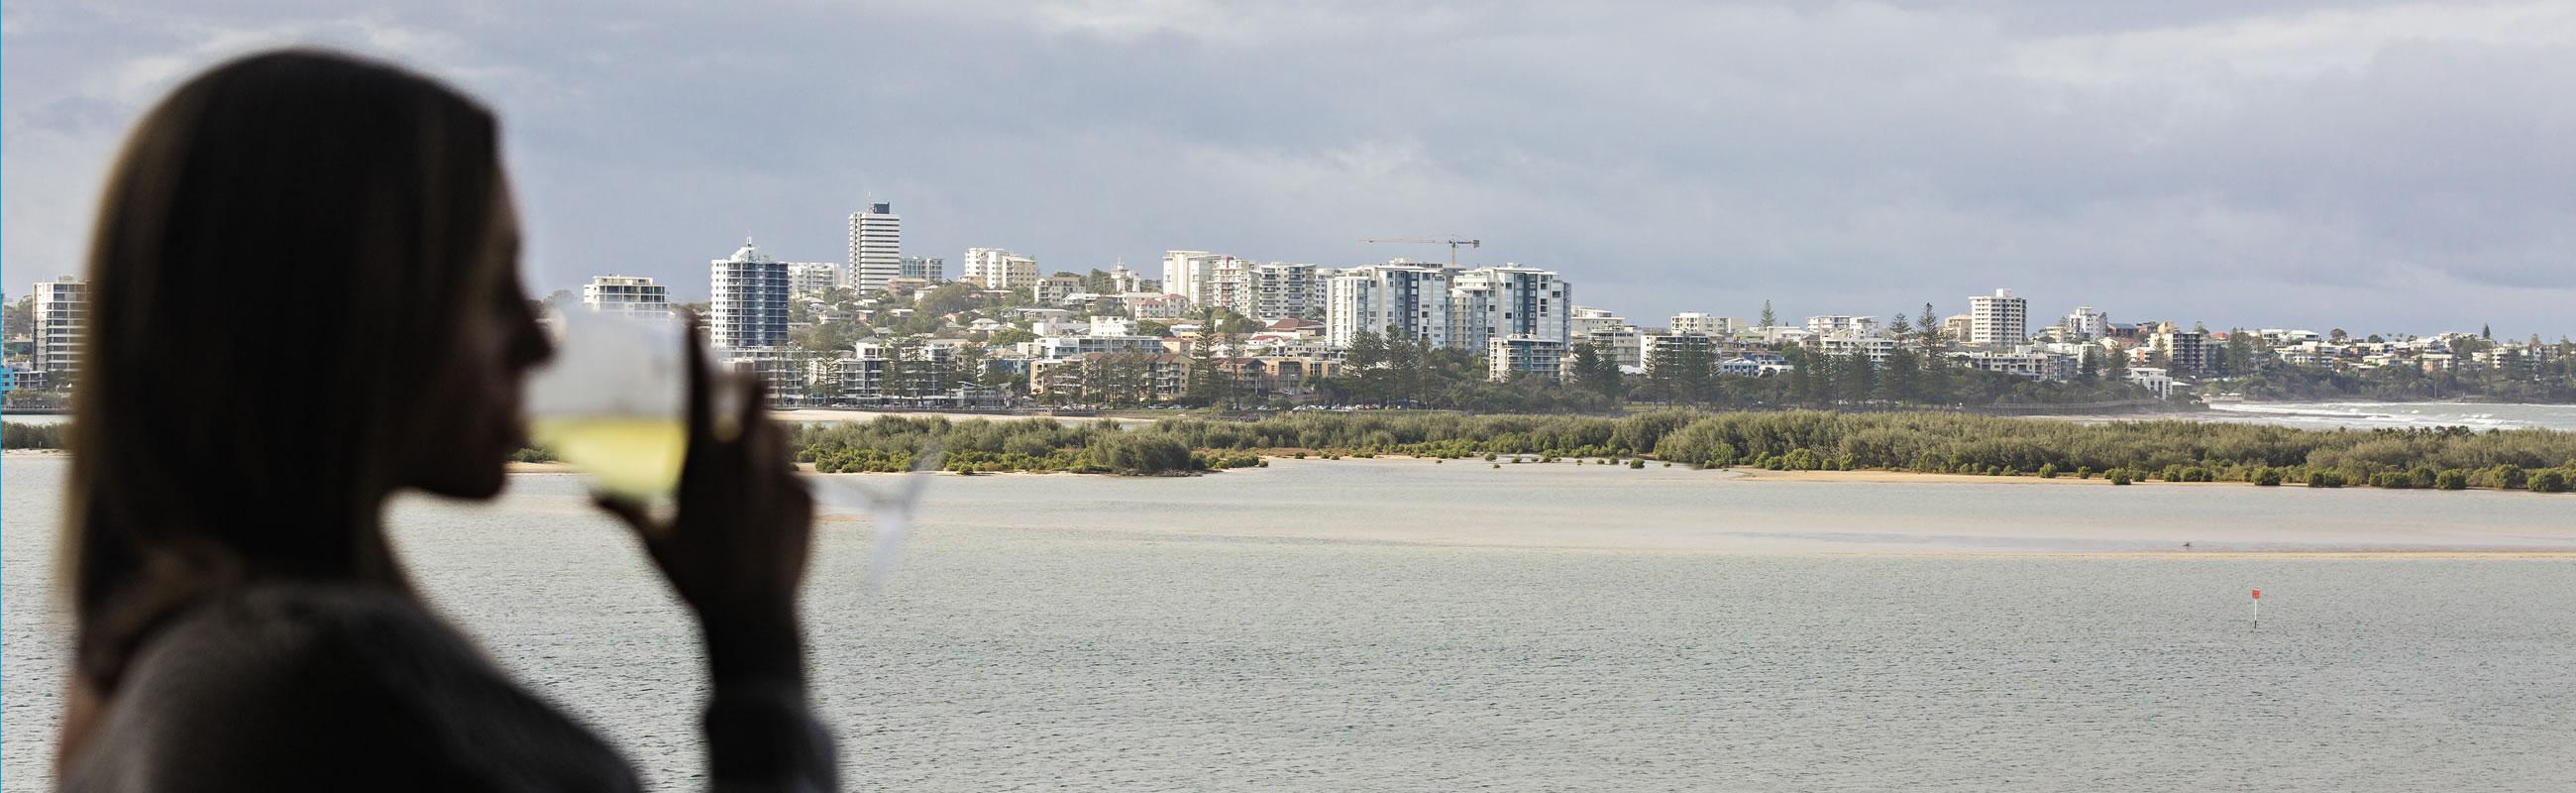 Caloundra family holiday resort accommodation